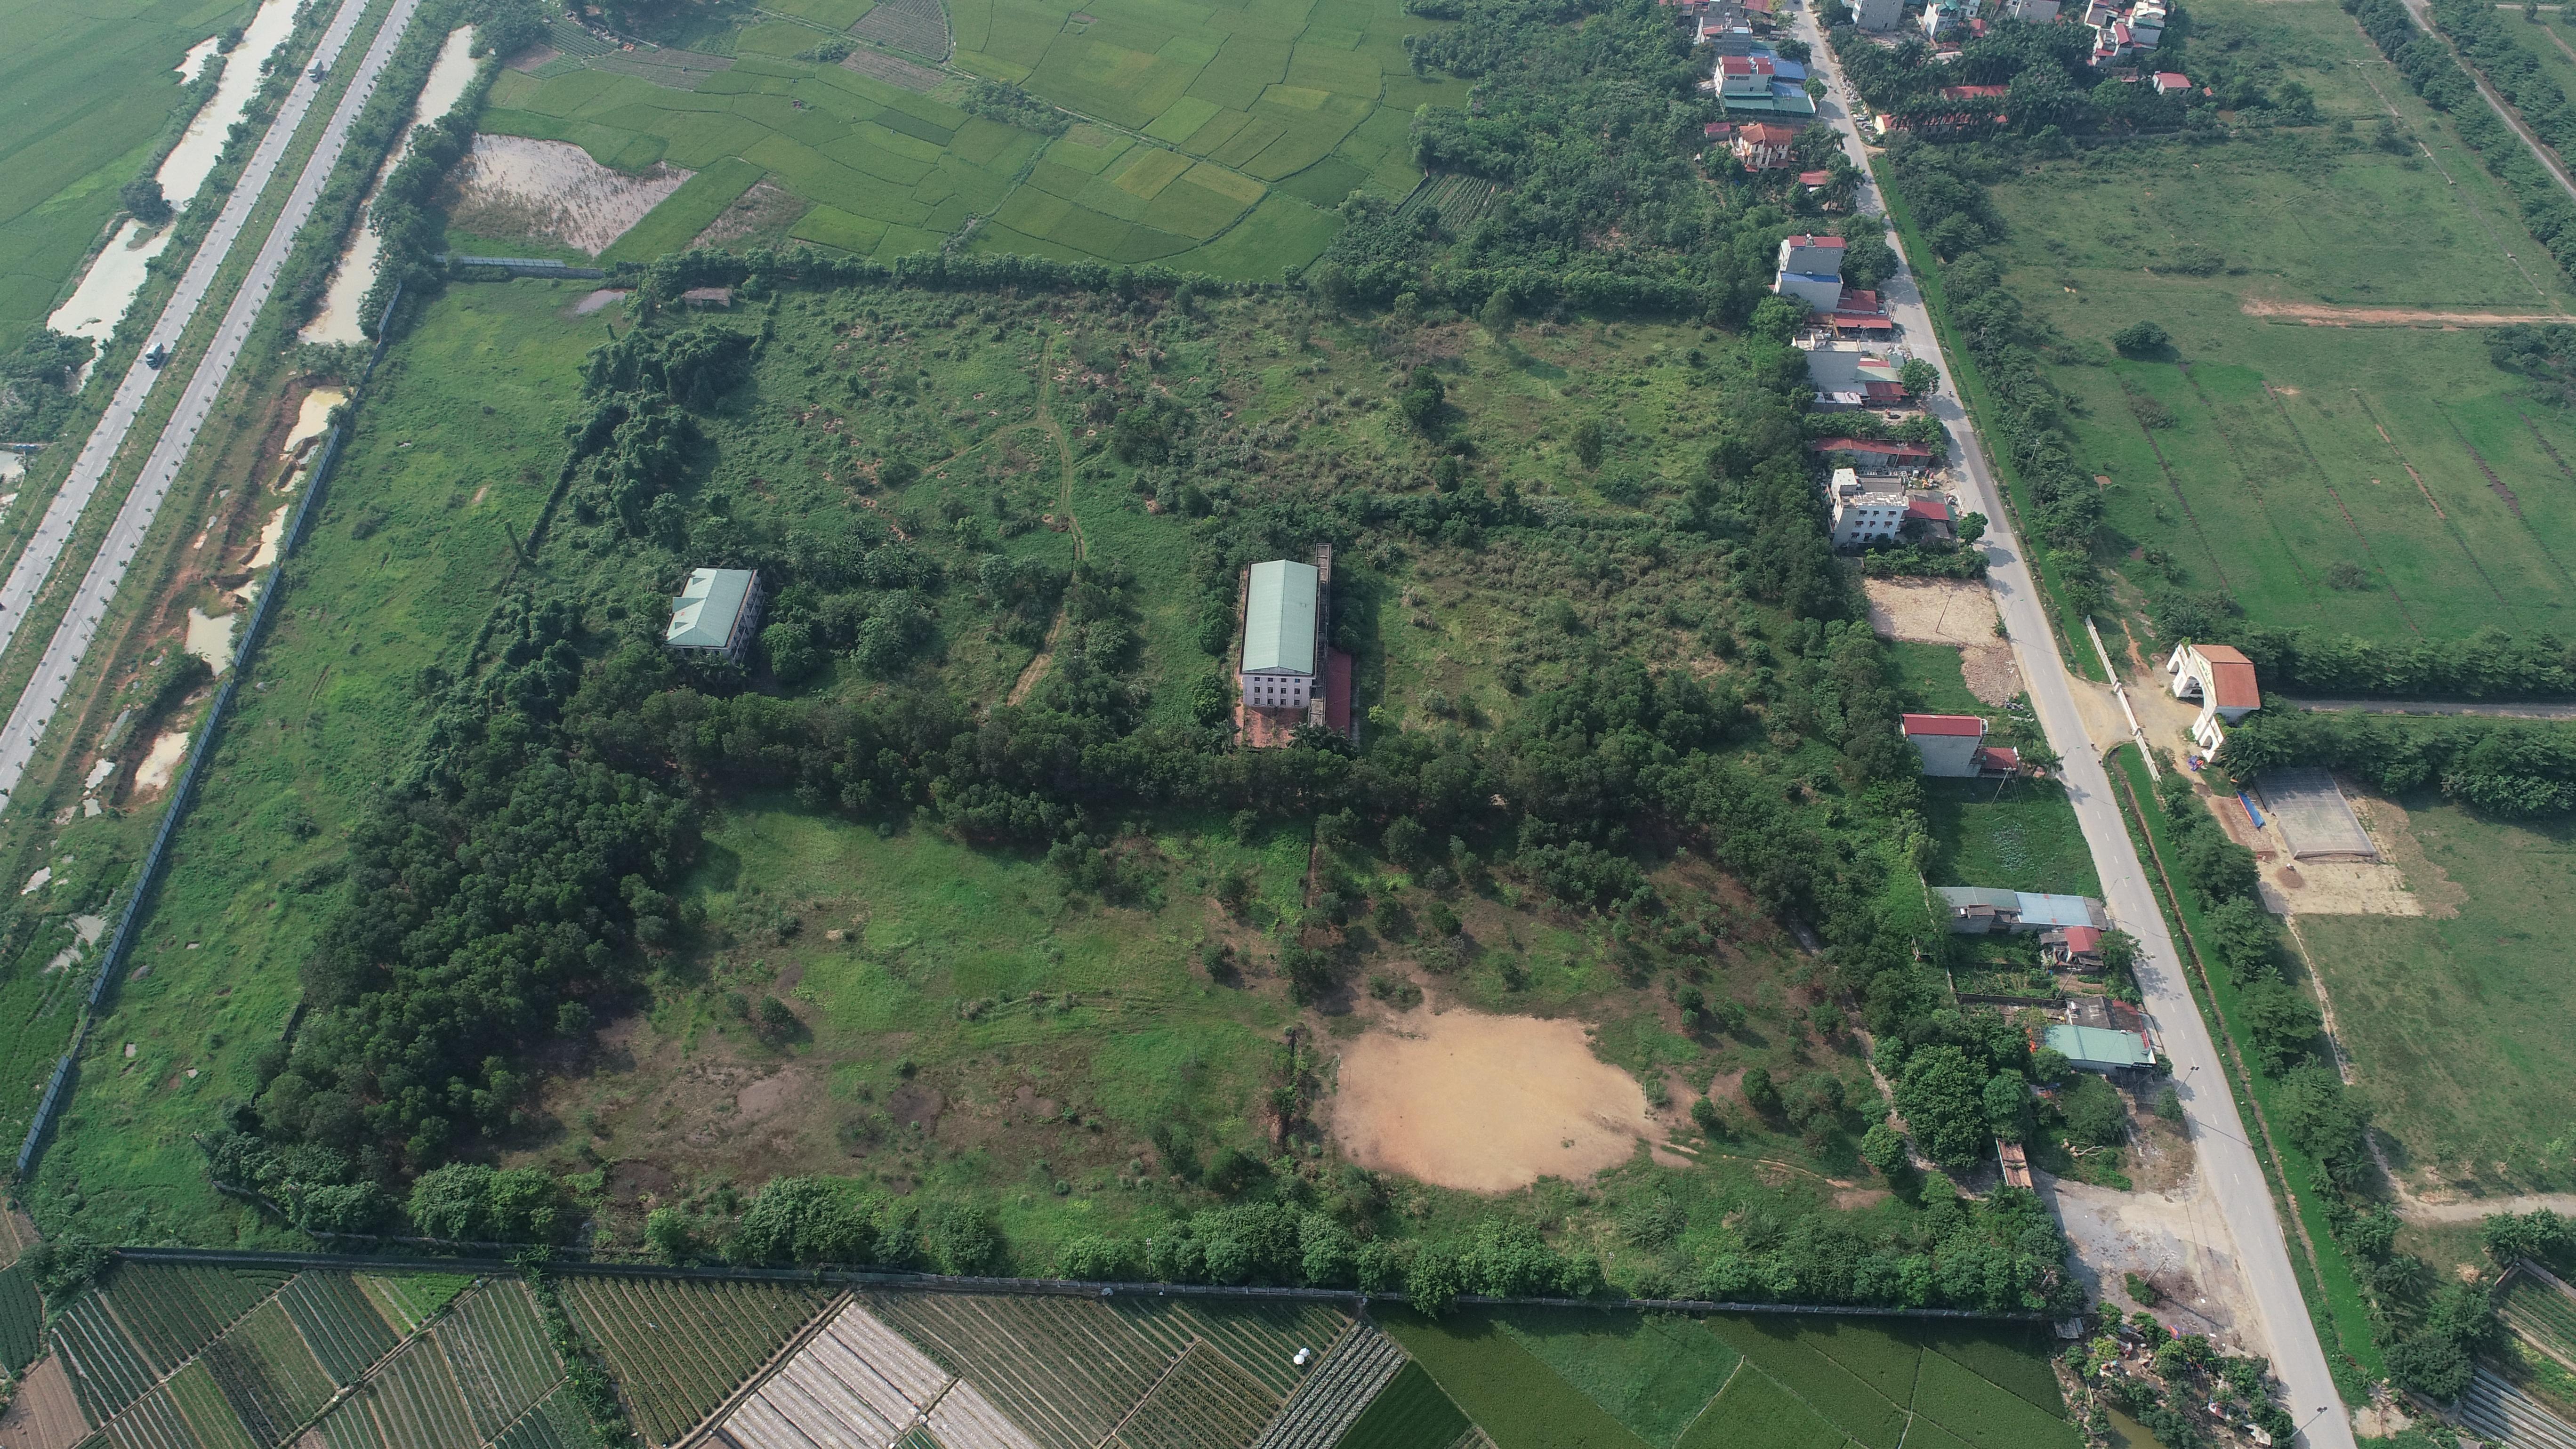 'Đói' vốn, dự án bệnh viện 2.700 tỷ đồng ở Hà Nội trở thành chỗ nuôi gà